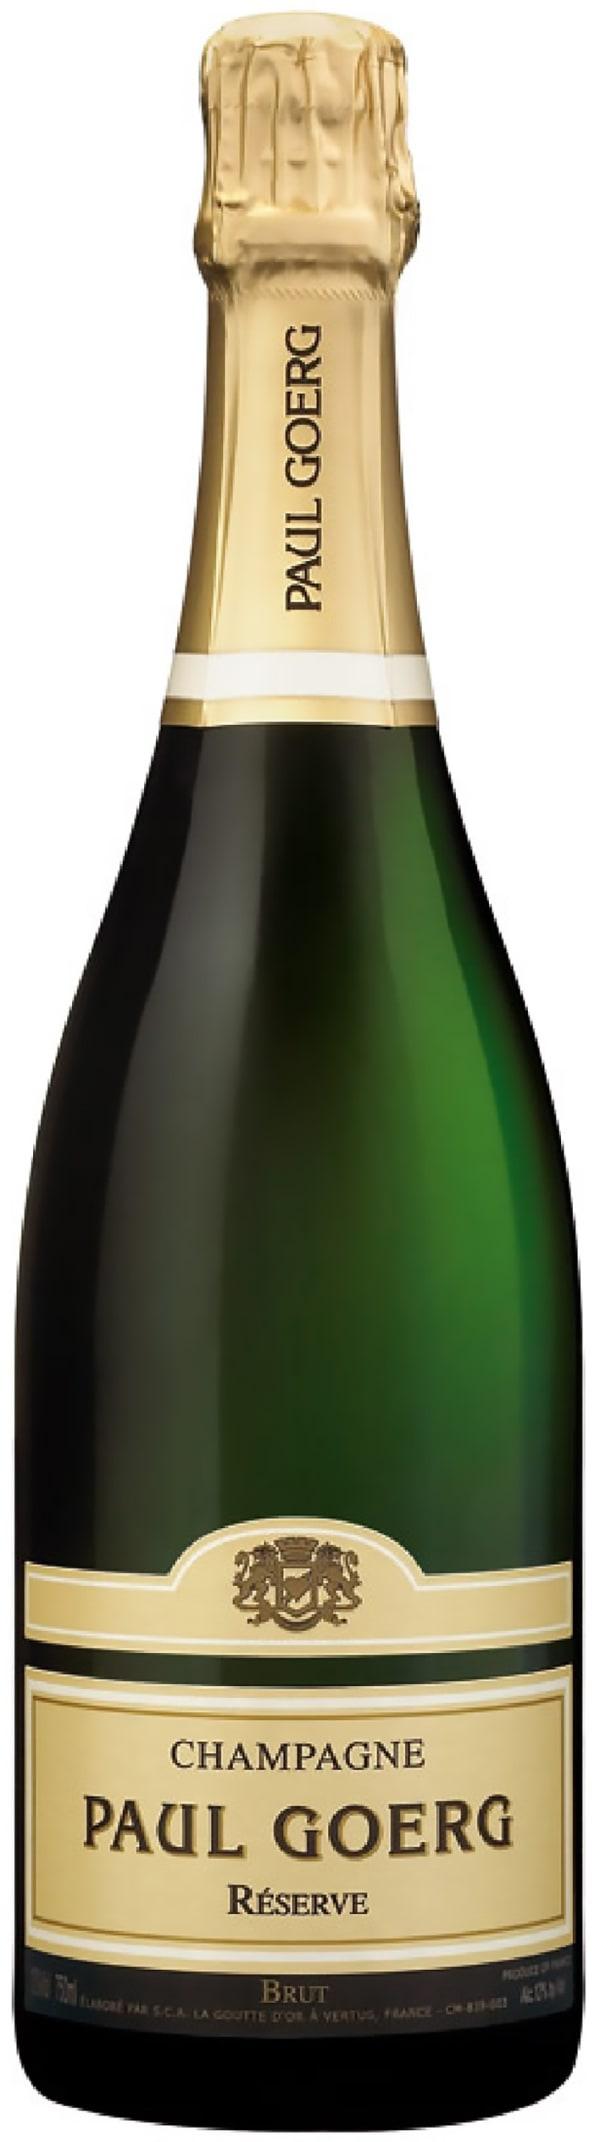 Paul Goerg Réserve Champagne Brut